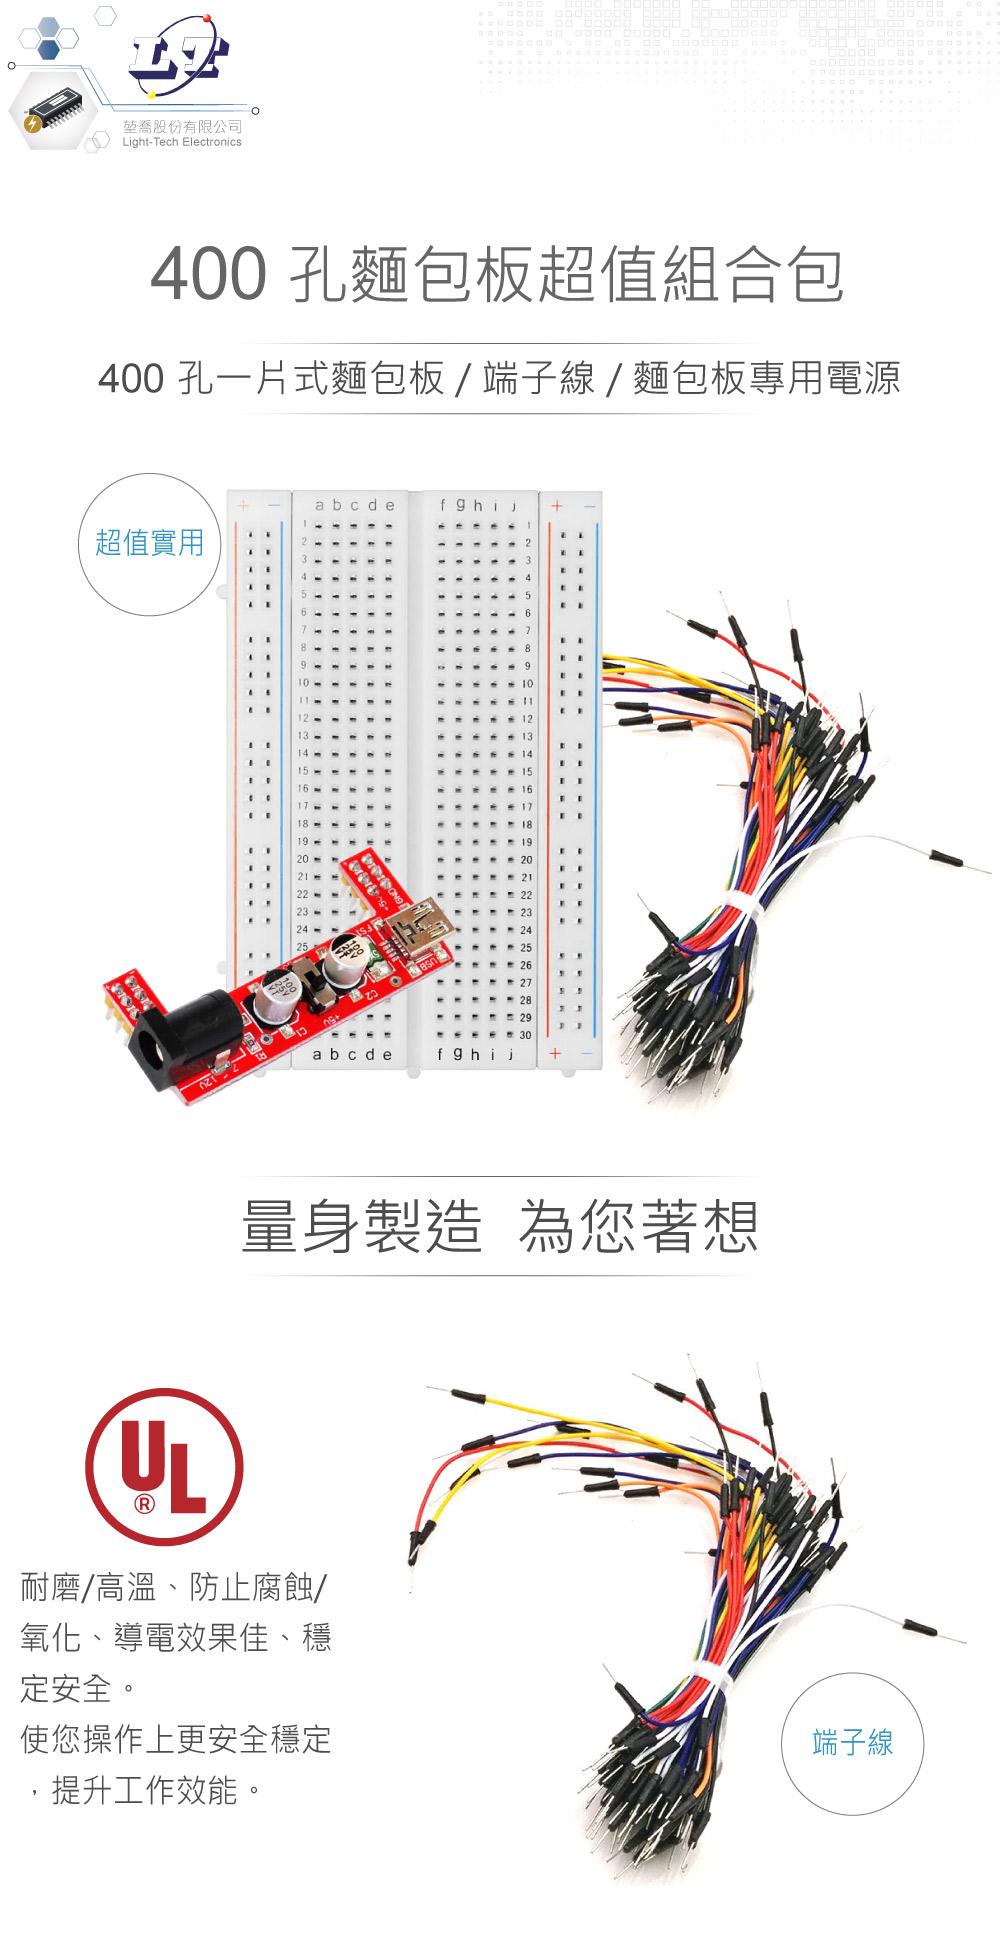 堃喬 堃邑 麵包板 端子線 組合 電子材料 朓腺